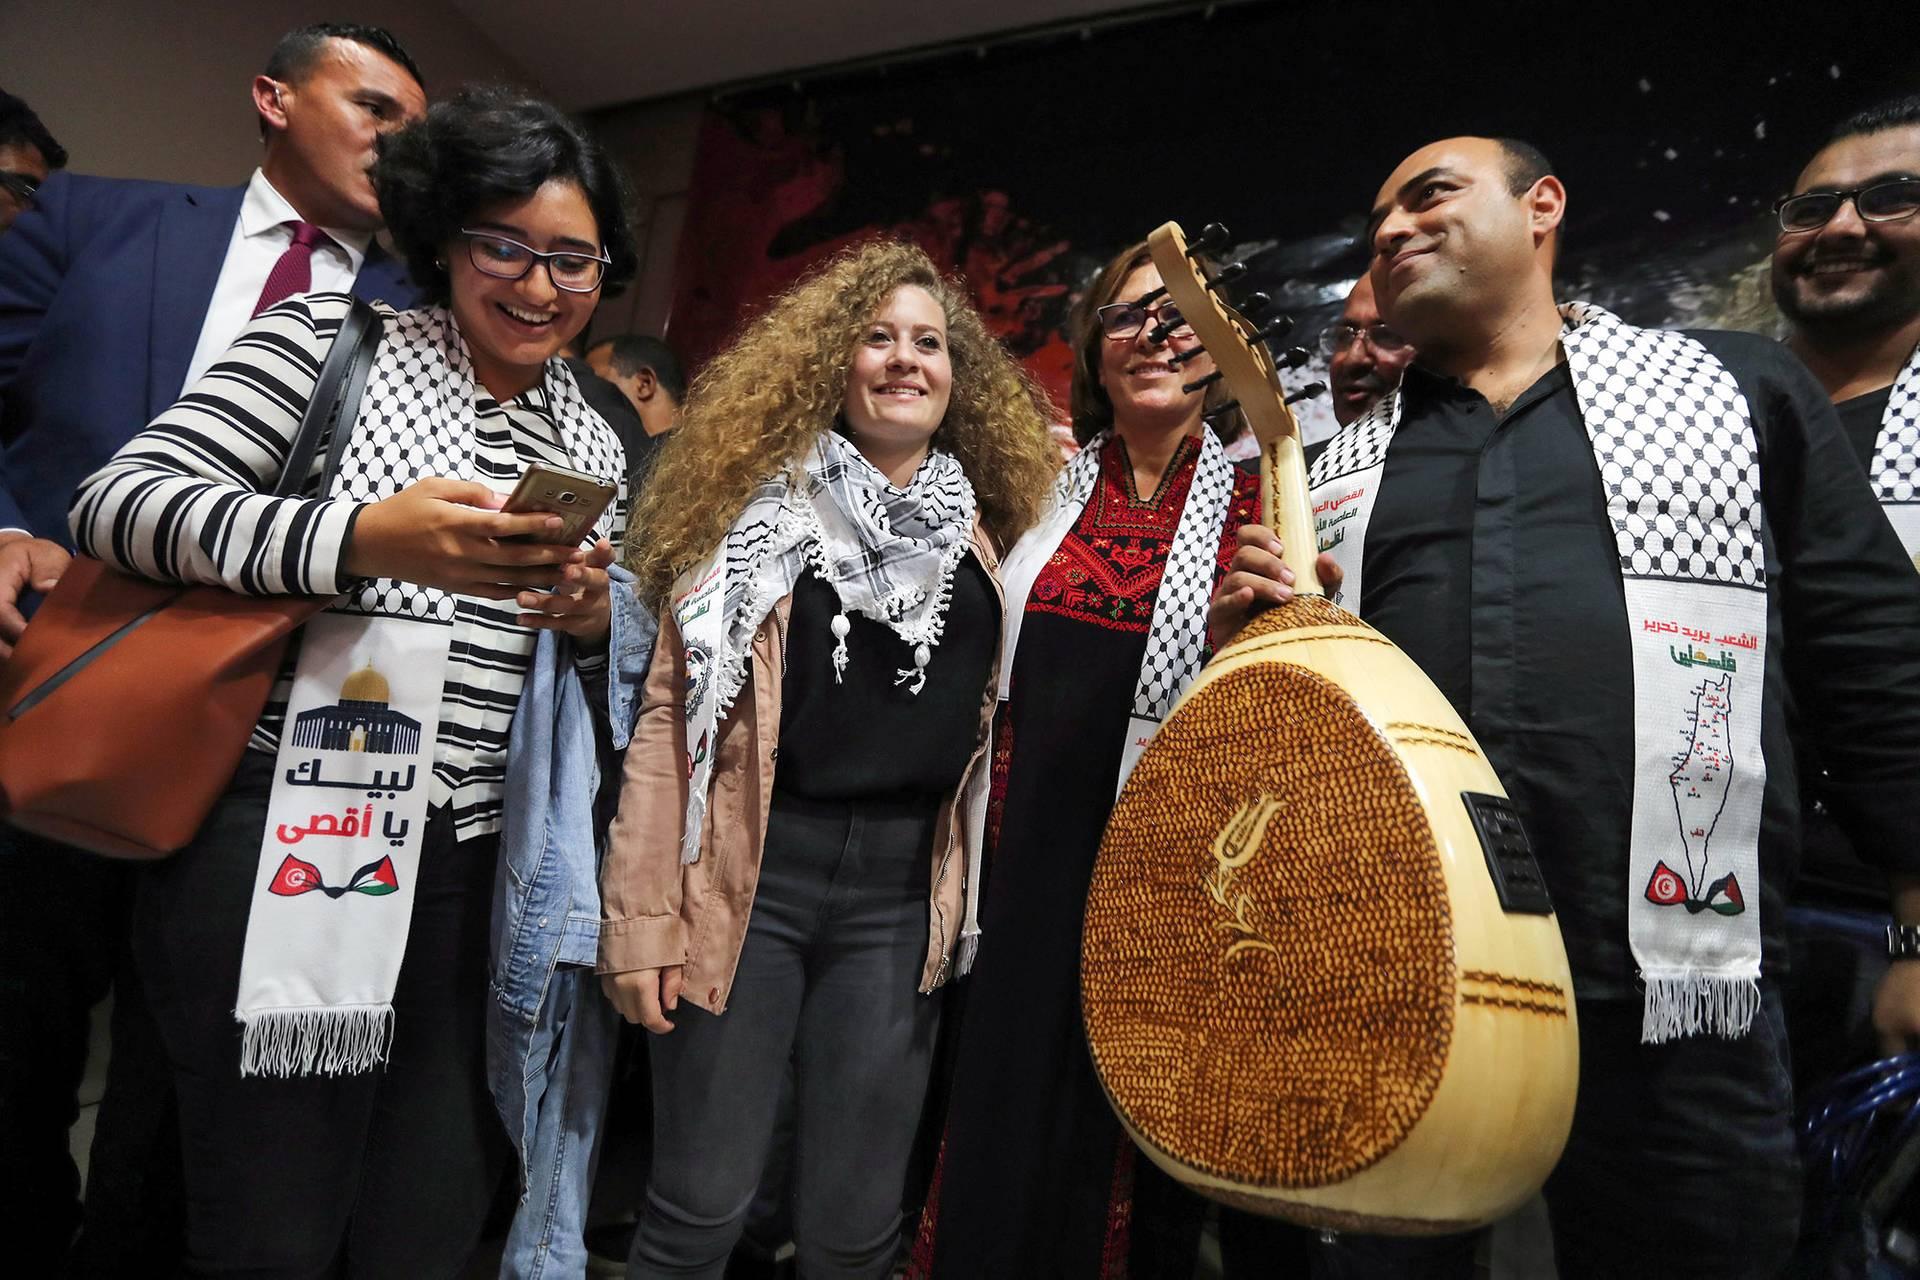 Палестинська тінейджерка-активістка Ахед Тамімі (в центрі), яка відсиділа вісім місяців у ізраїльській в'язниці за те, що дала ляпаса ізраїльському військовому, фотографується з туніською музичною групою в Тунісі, 2 жовтня 2018 року